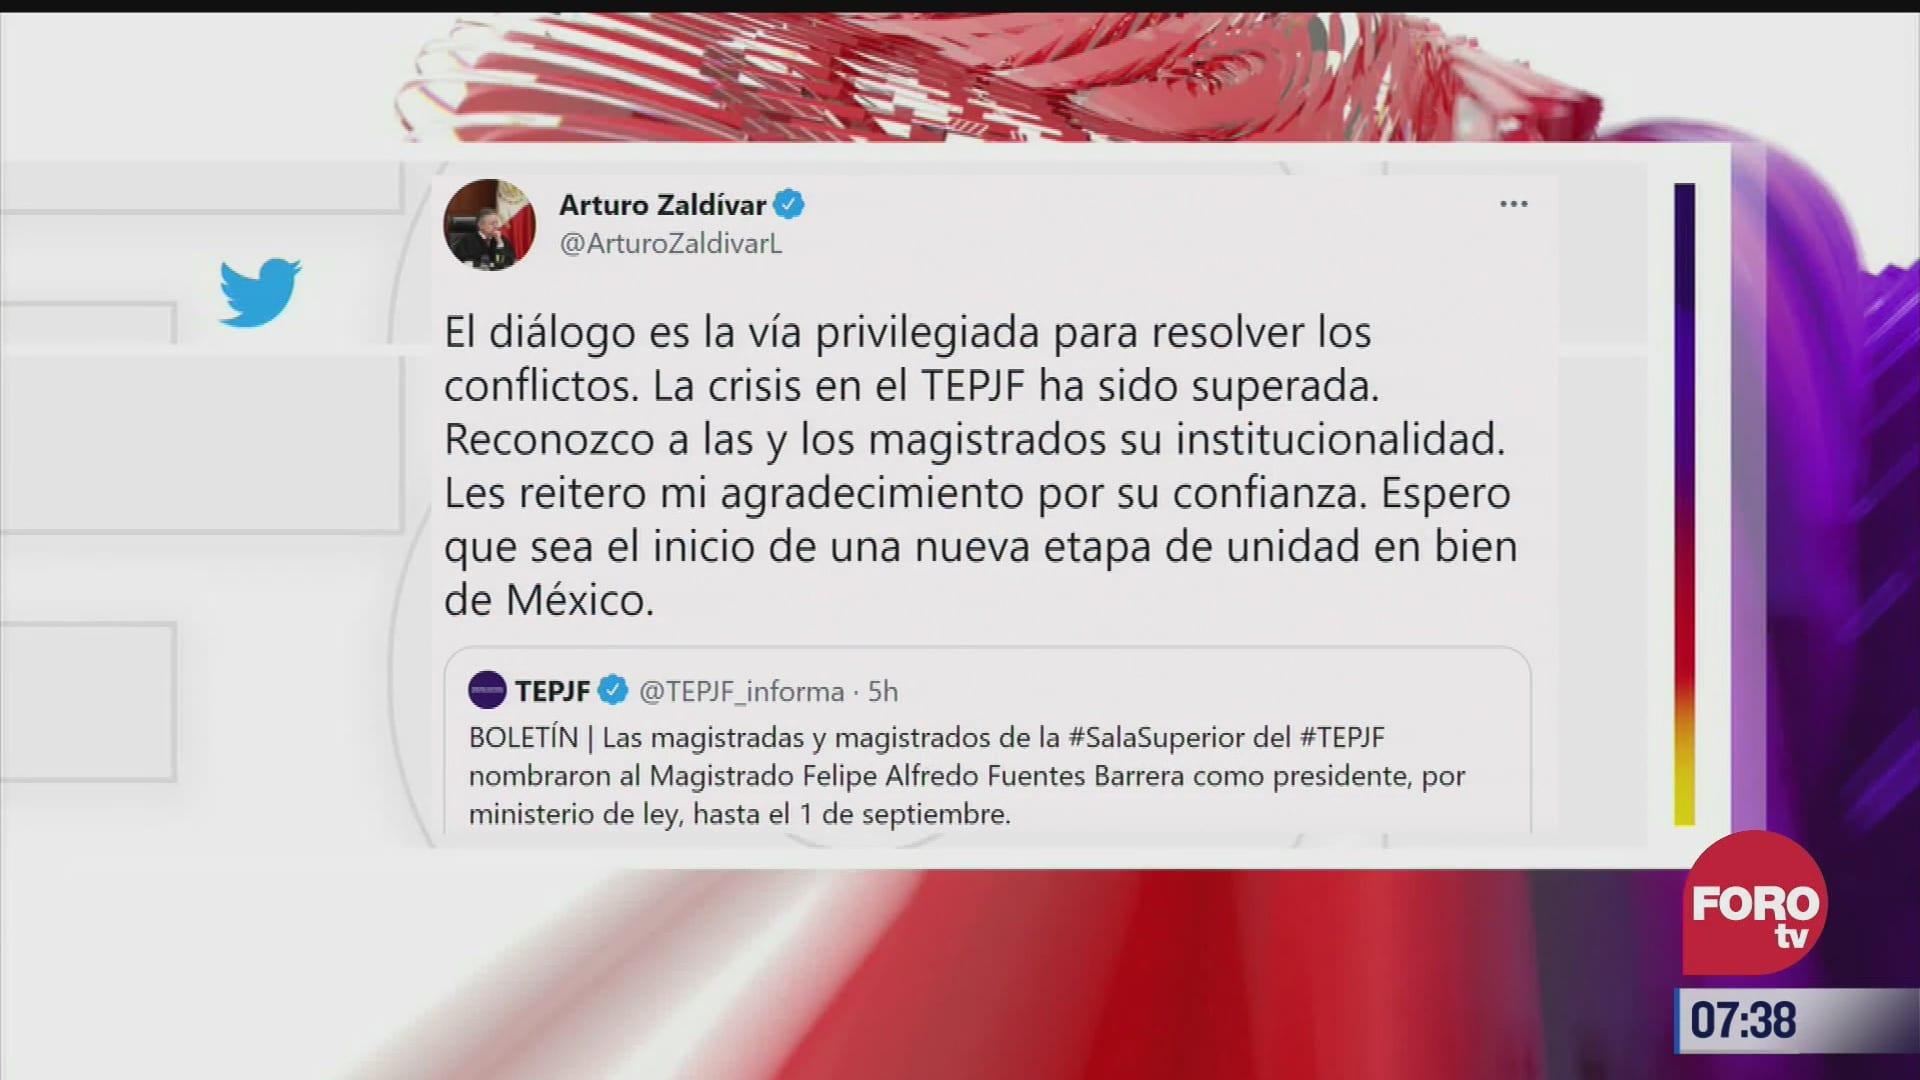 la crisis en el tepjf ha sido superada dice arturo zaldivar